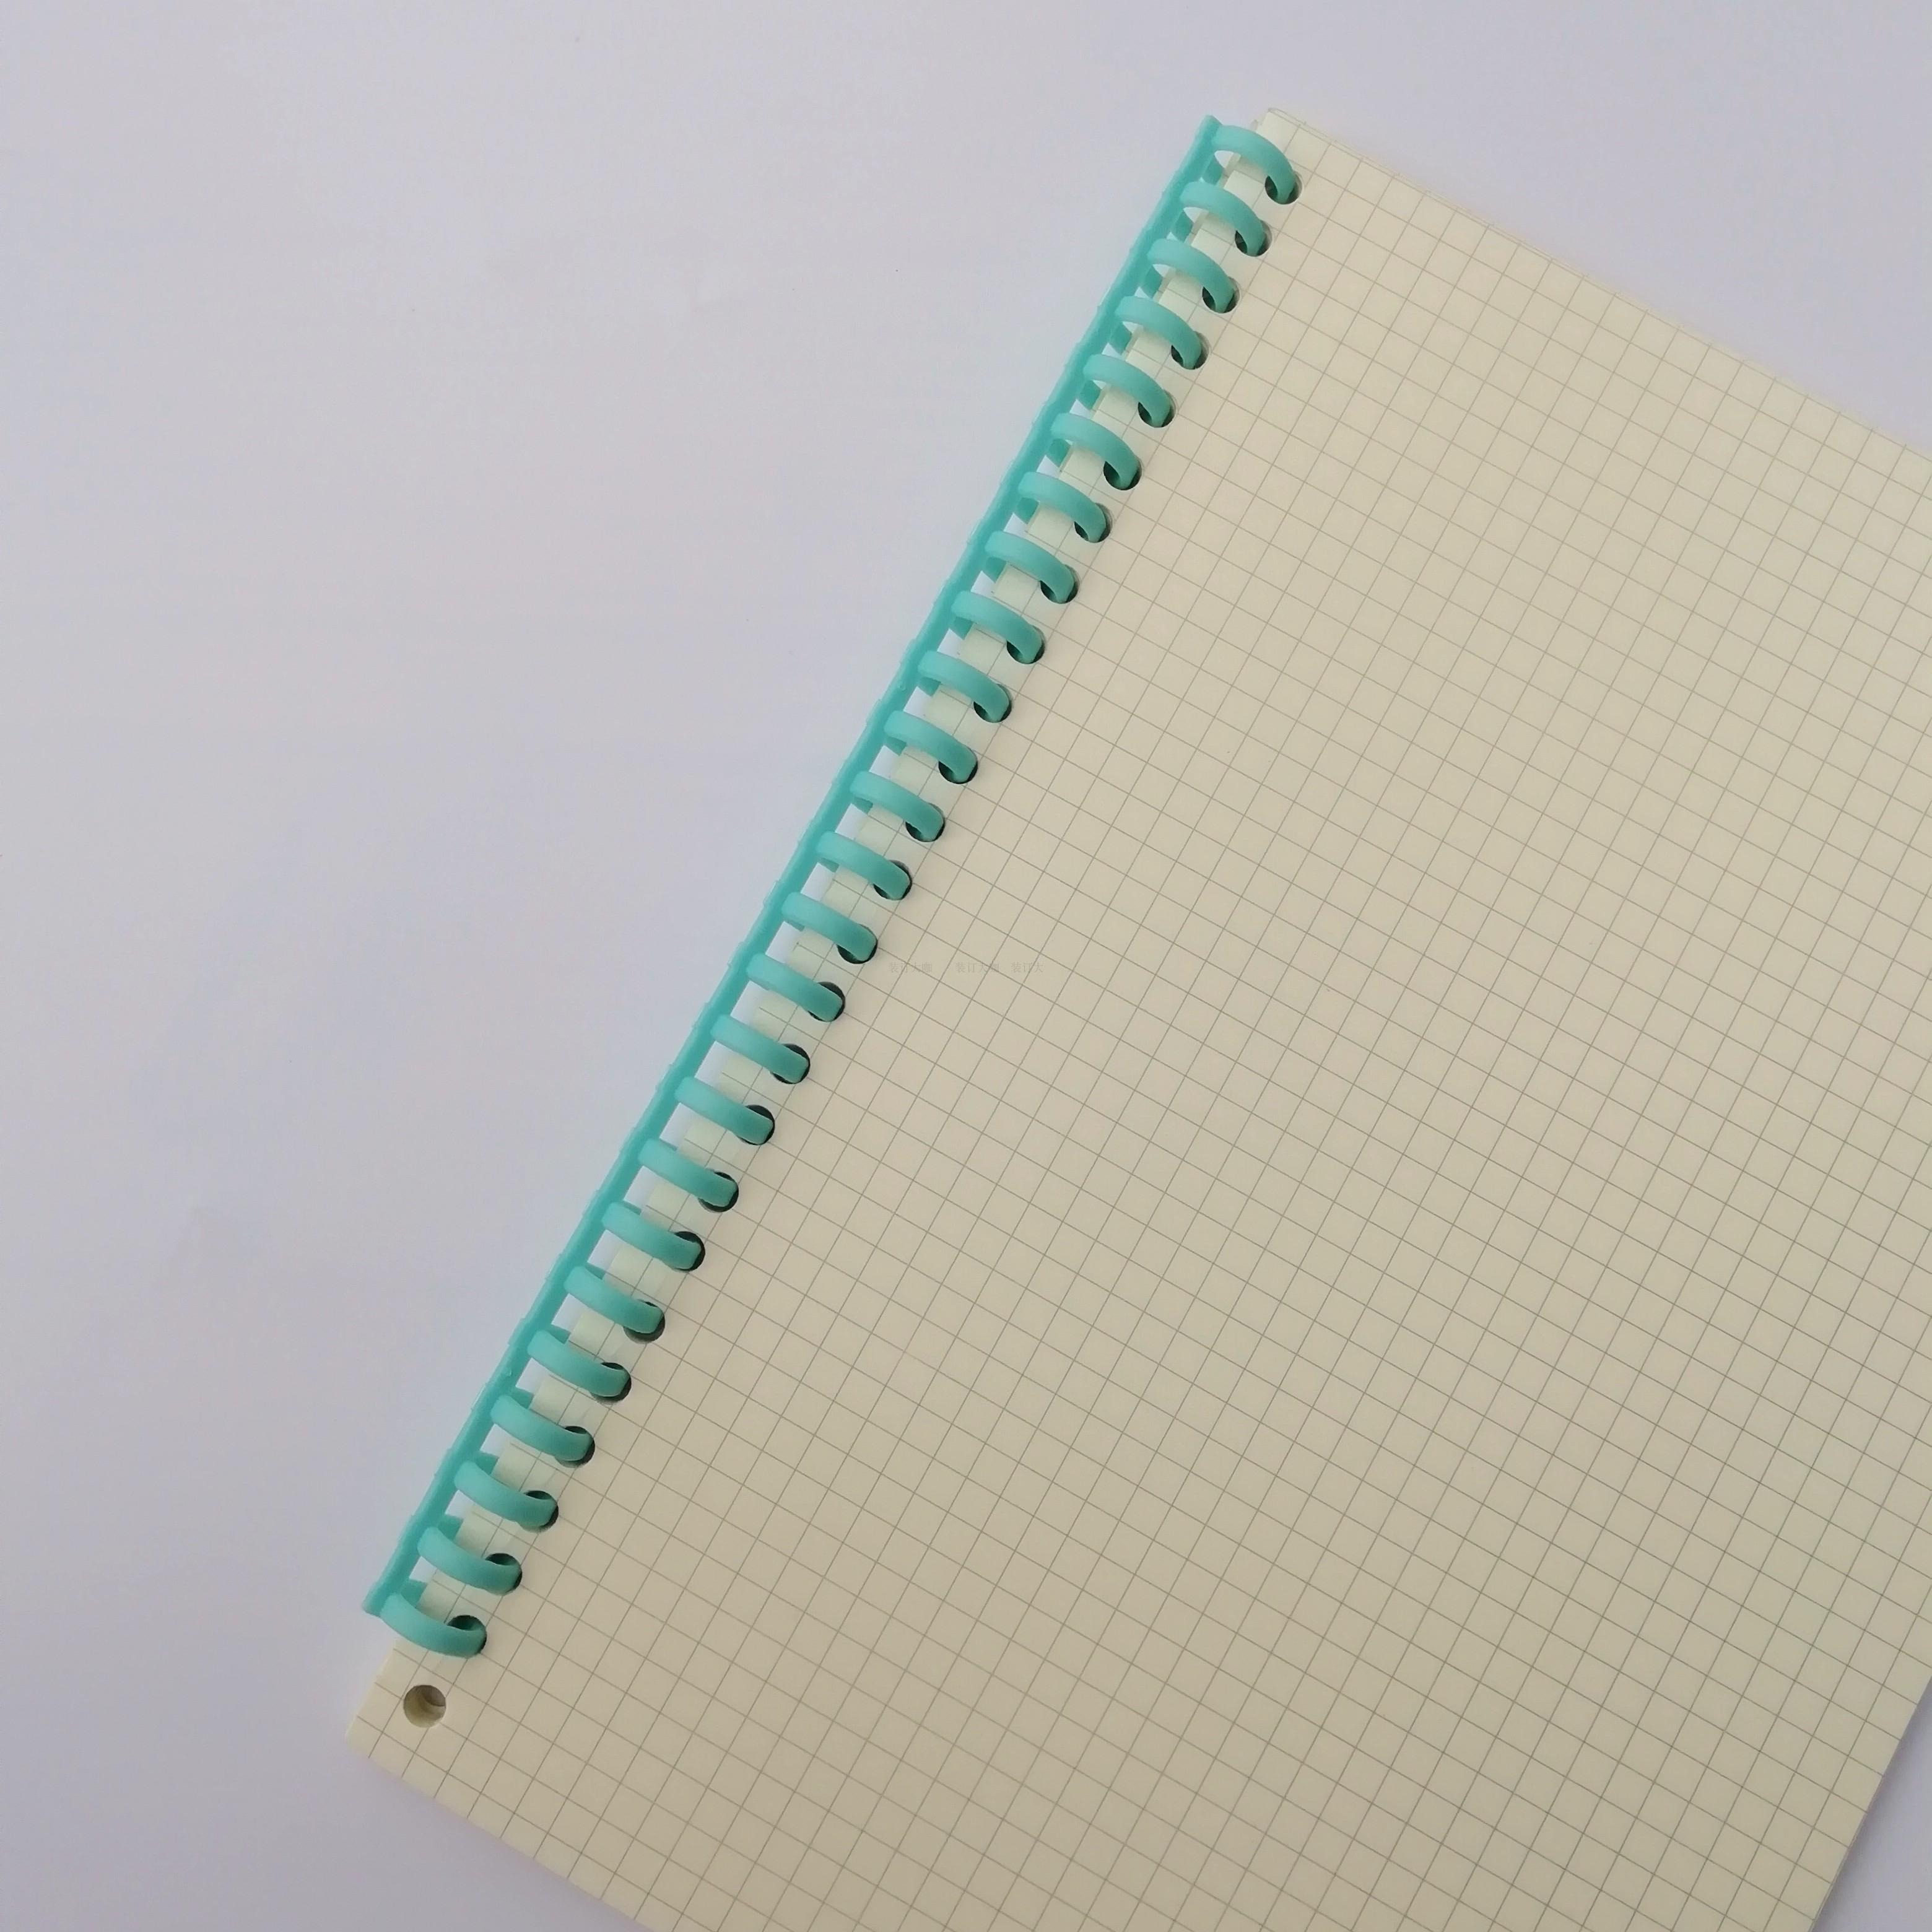 装订大咖团购链接25孔装订条 塑料 40条 活页本配件 年中促销